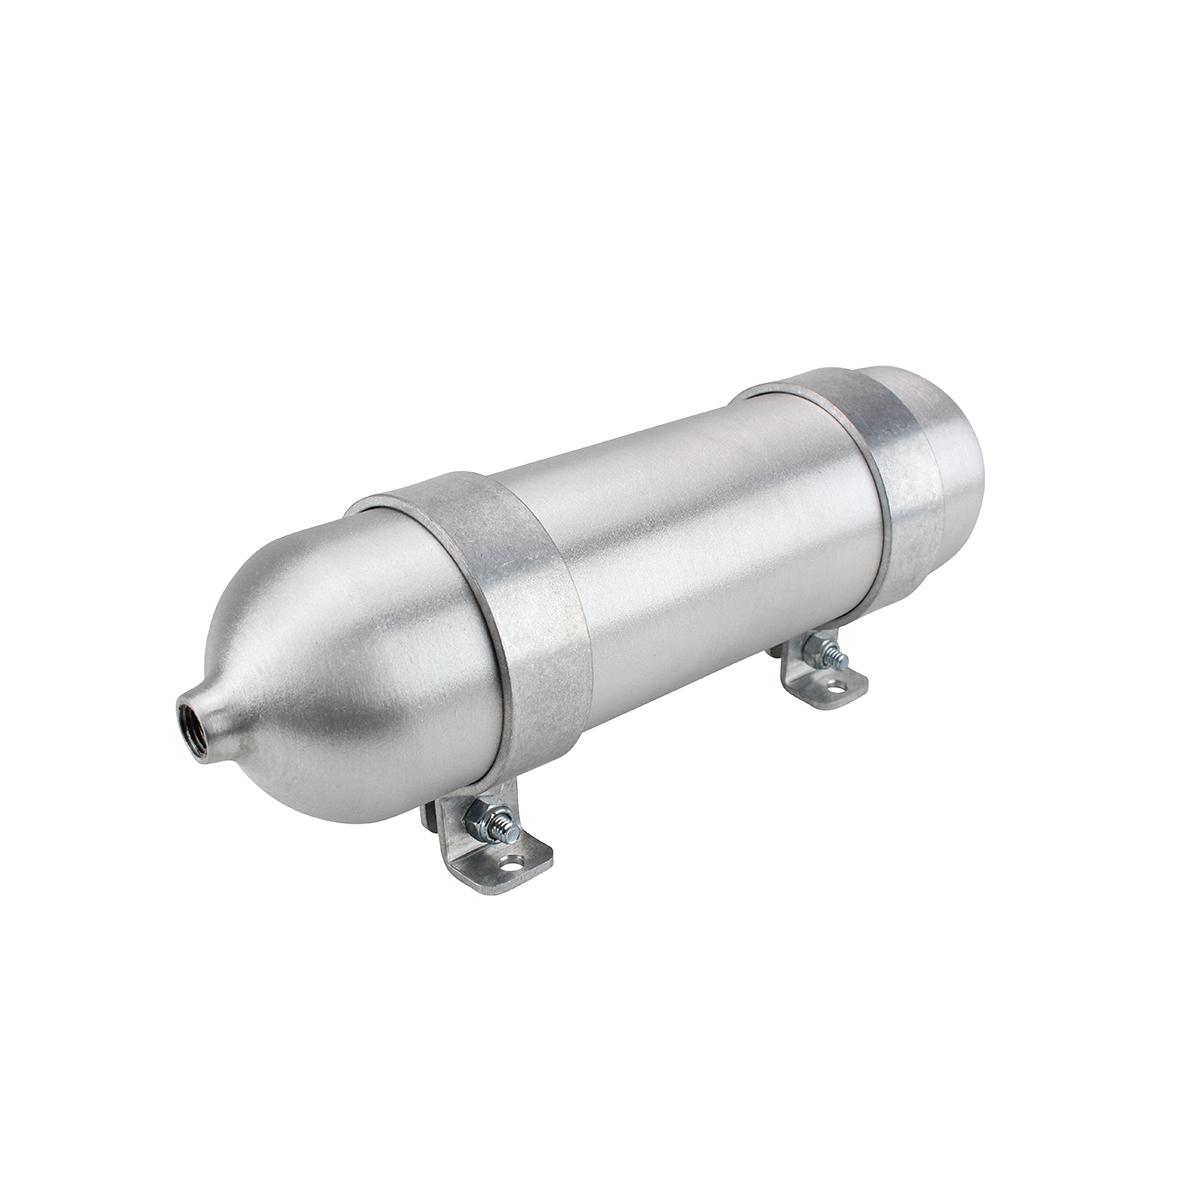 """SA212038-01 Seamless Tanks Aluminum Air Tank 12"""" Length 2.875"""" Diameter, (2) 3/8"""" Ports, 200psi Rated, Actual Volume .243 Gallons"""